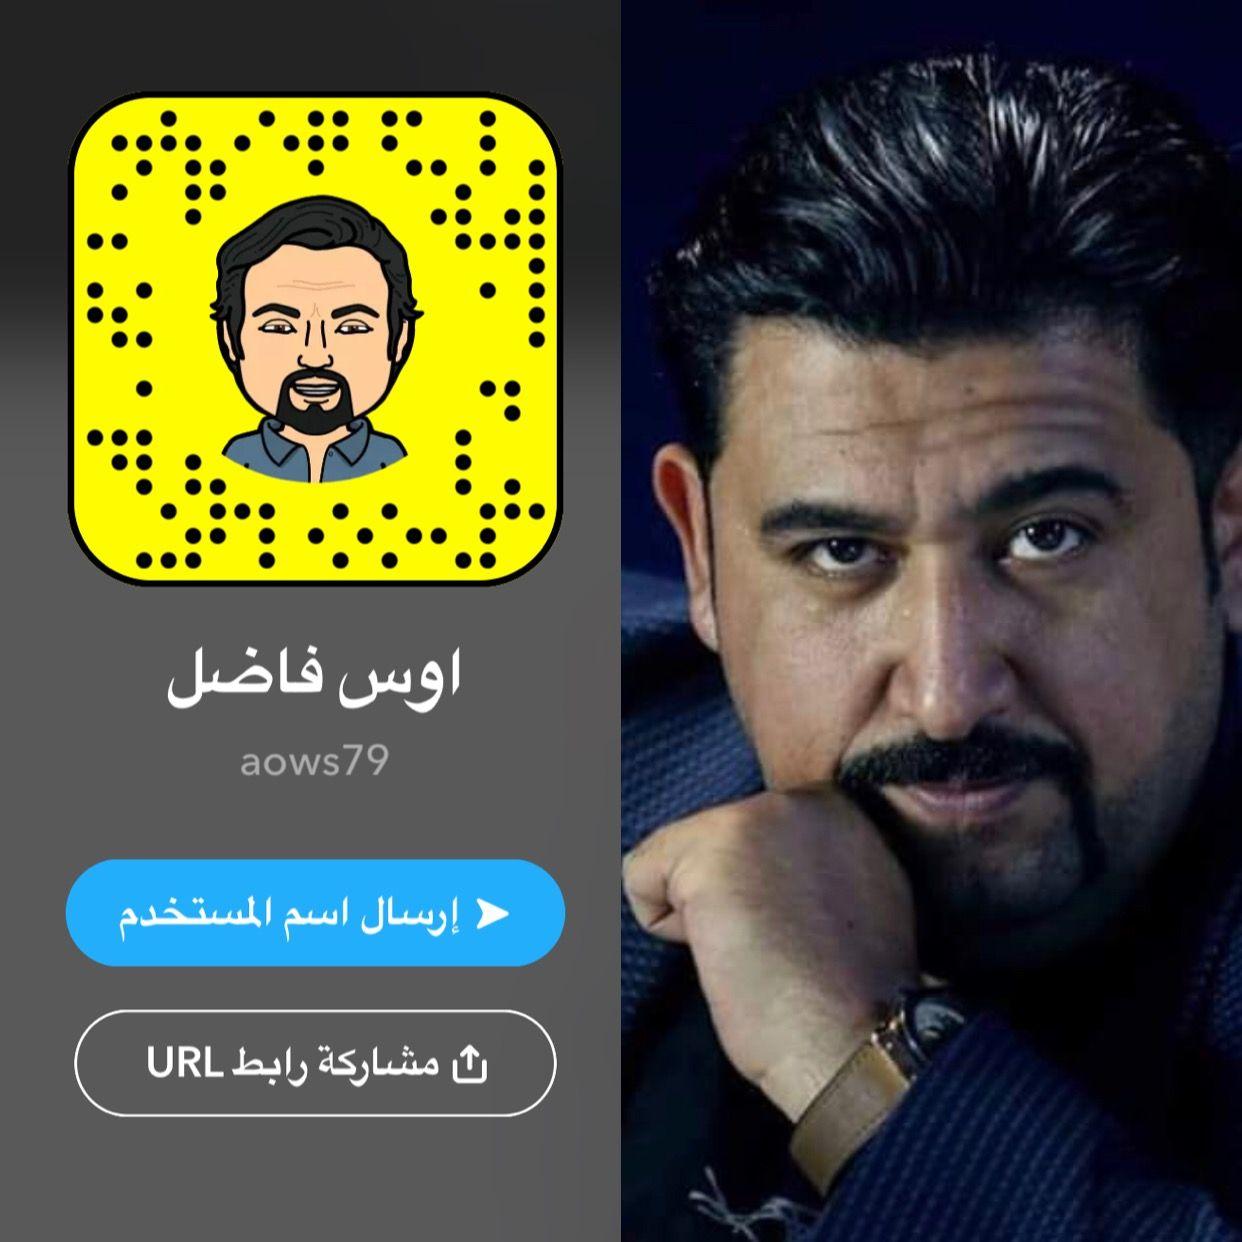 أوس فاضل Snapchat Screenshot Snapchat Screenshots